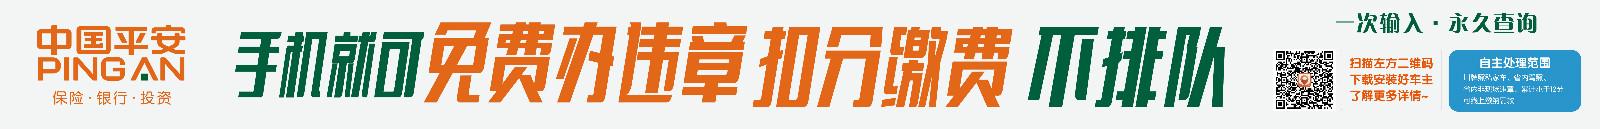 平安宣传_meitu_2.jpg